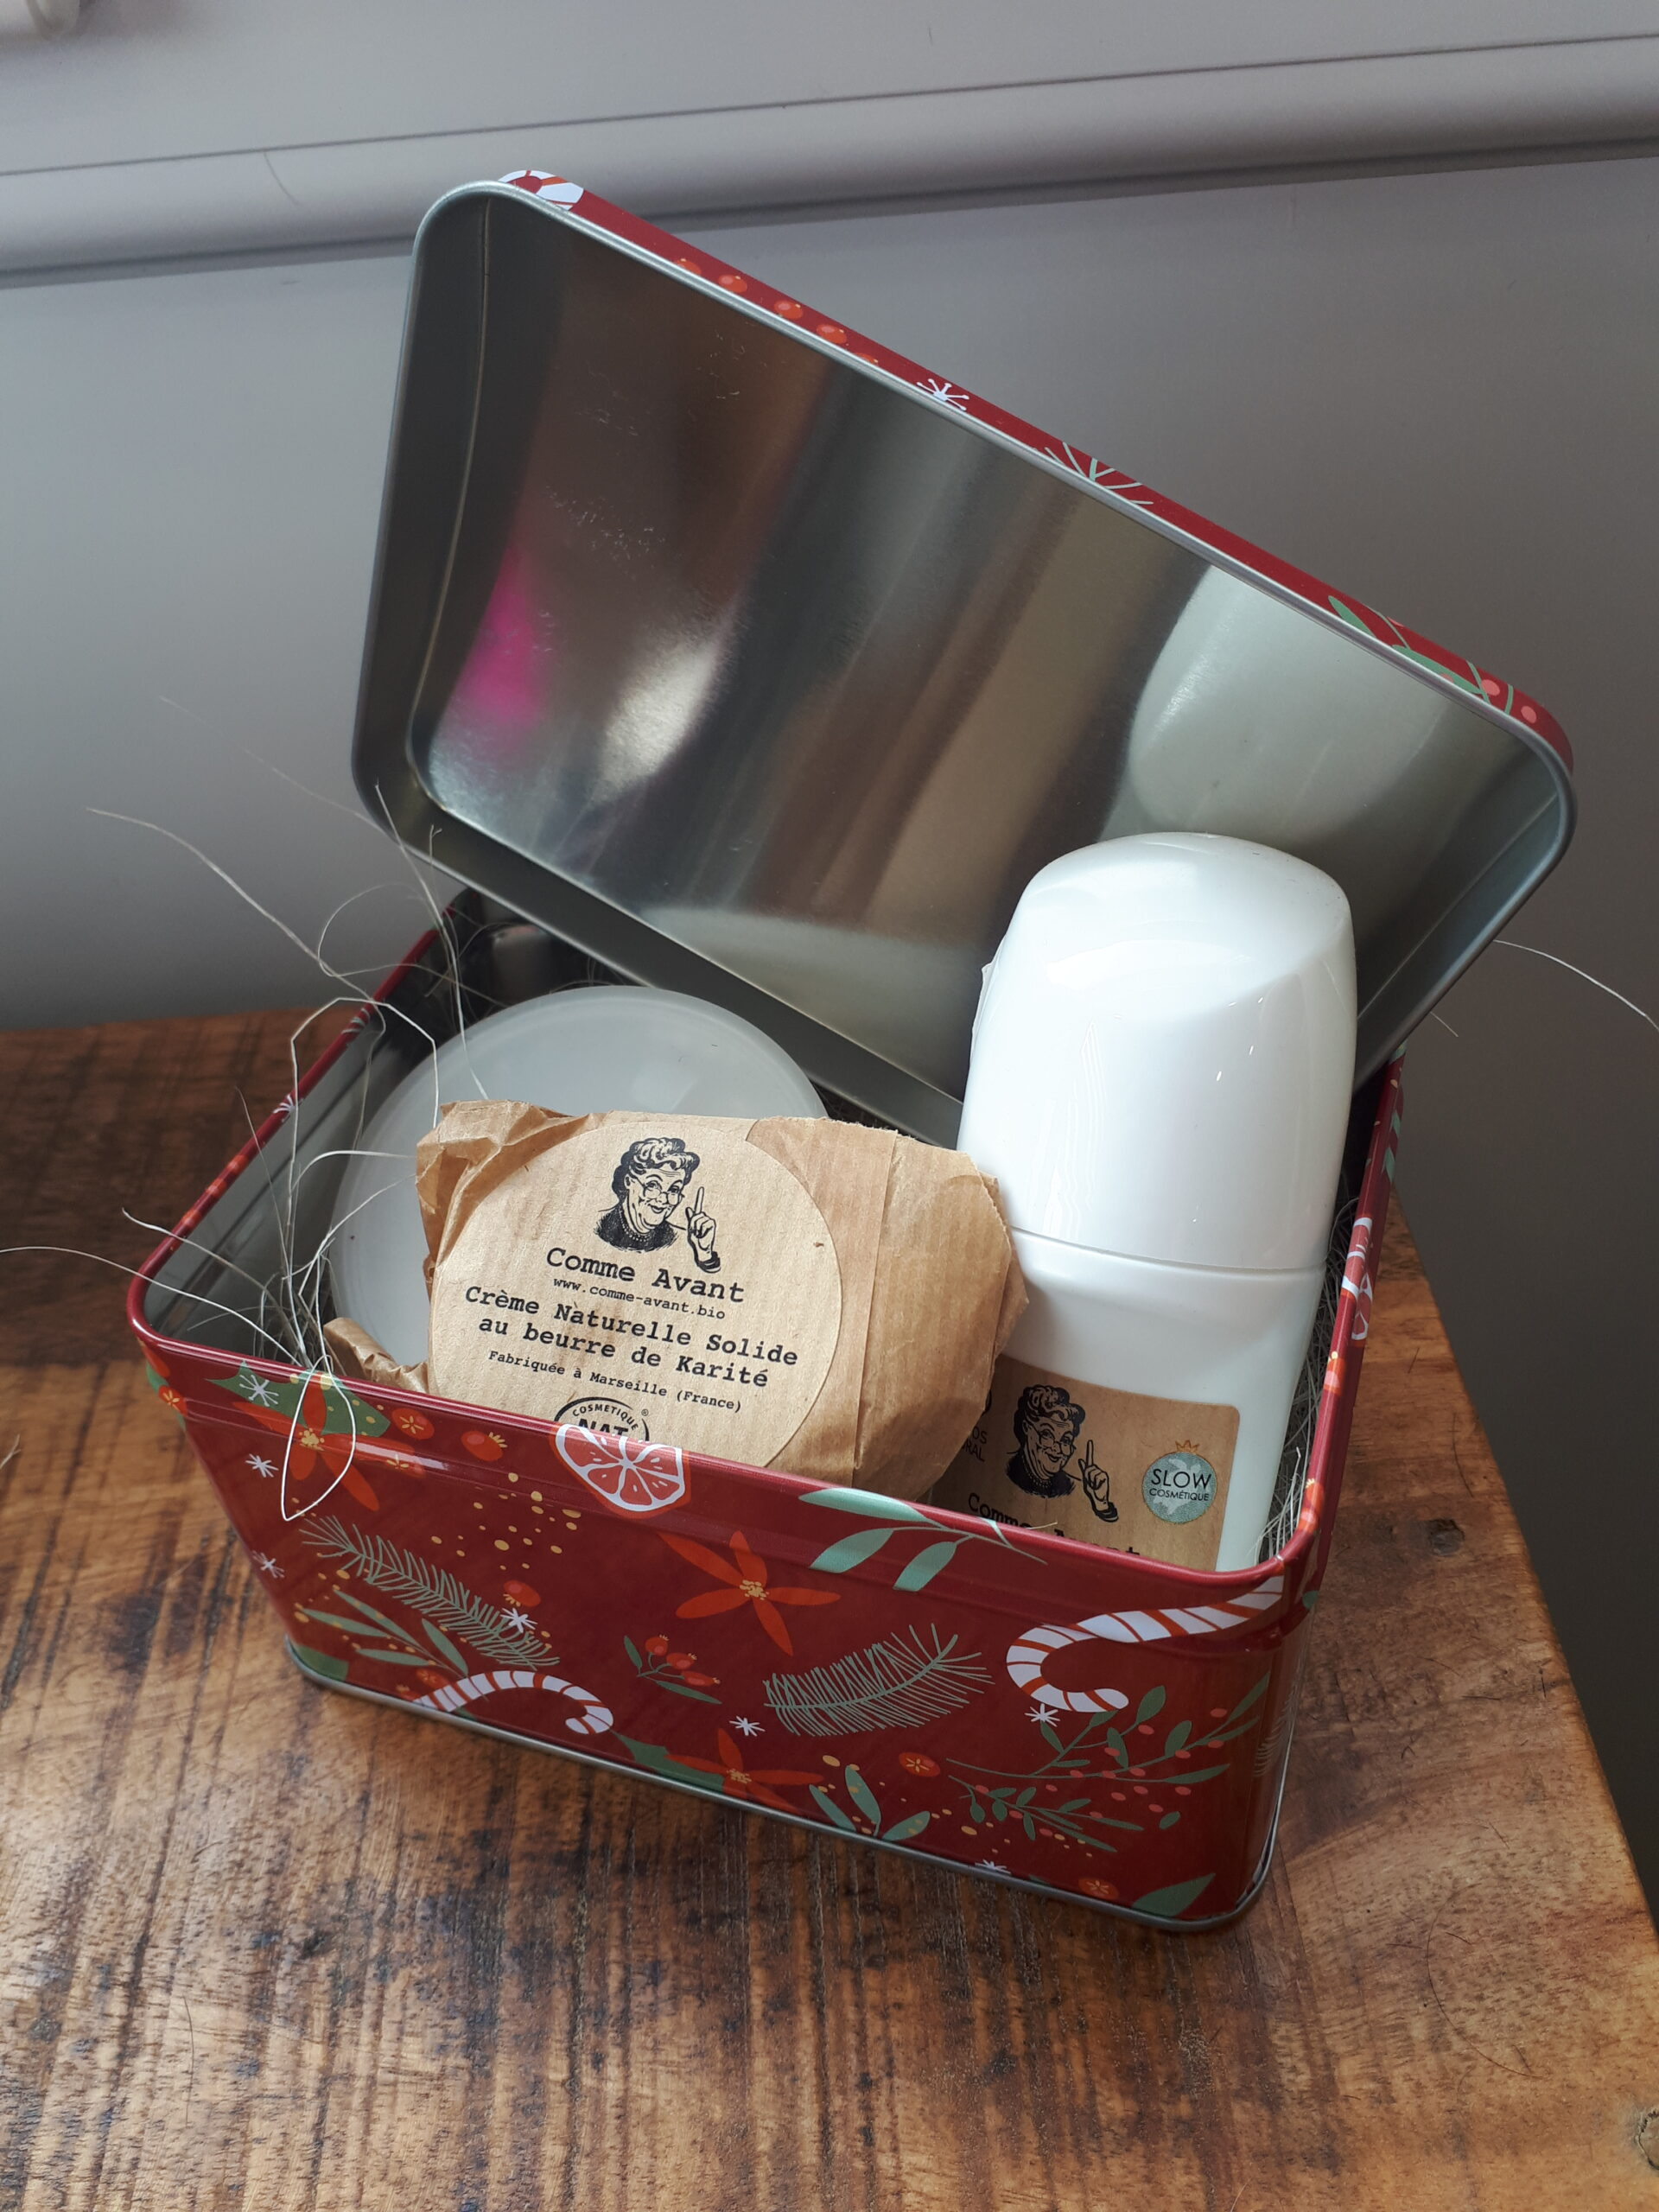 Le Cocon de Camille - Salon de coiffure végétal Barbier - Pays de Montbéliard-3995